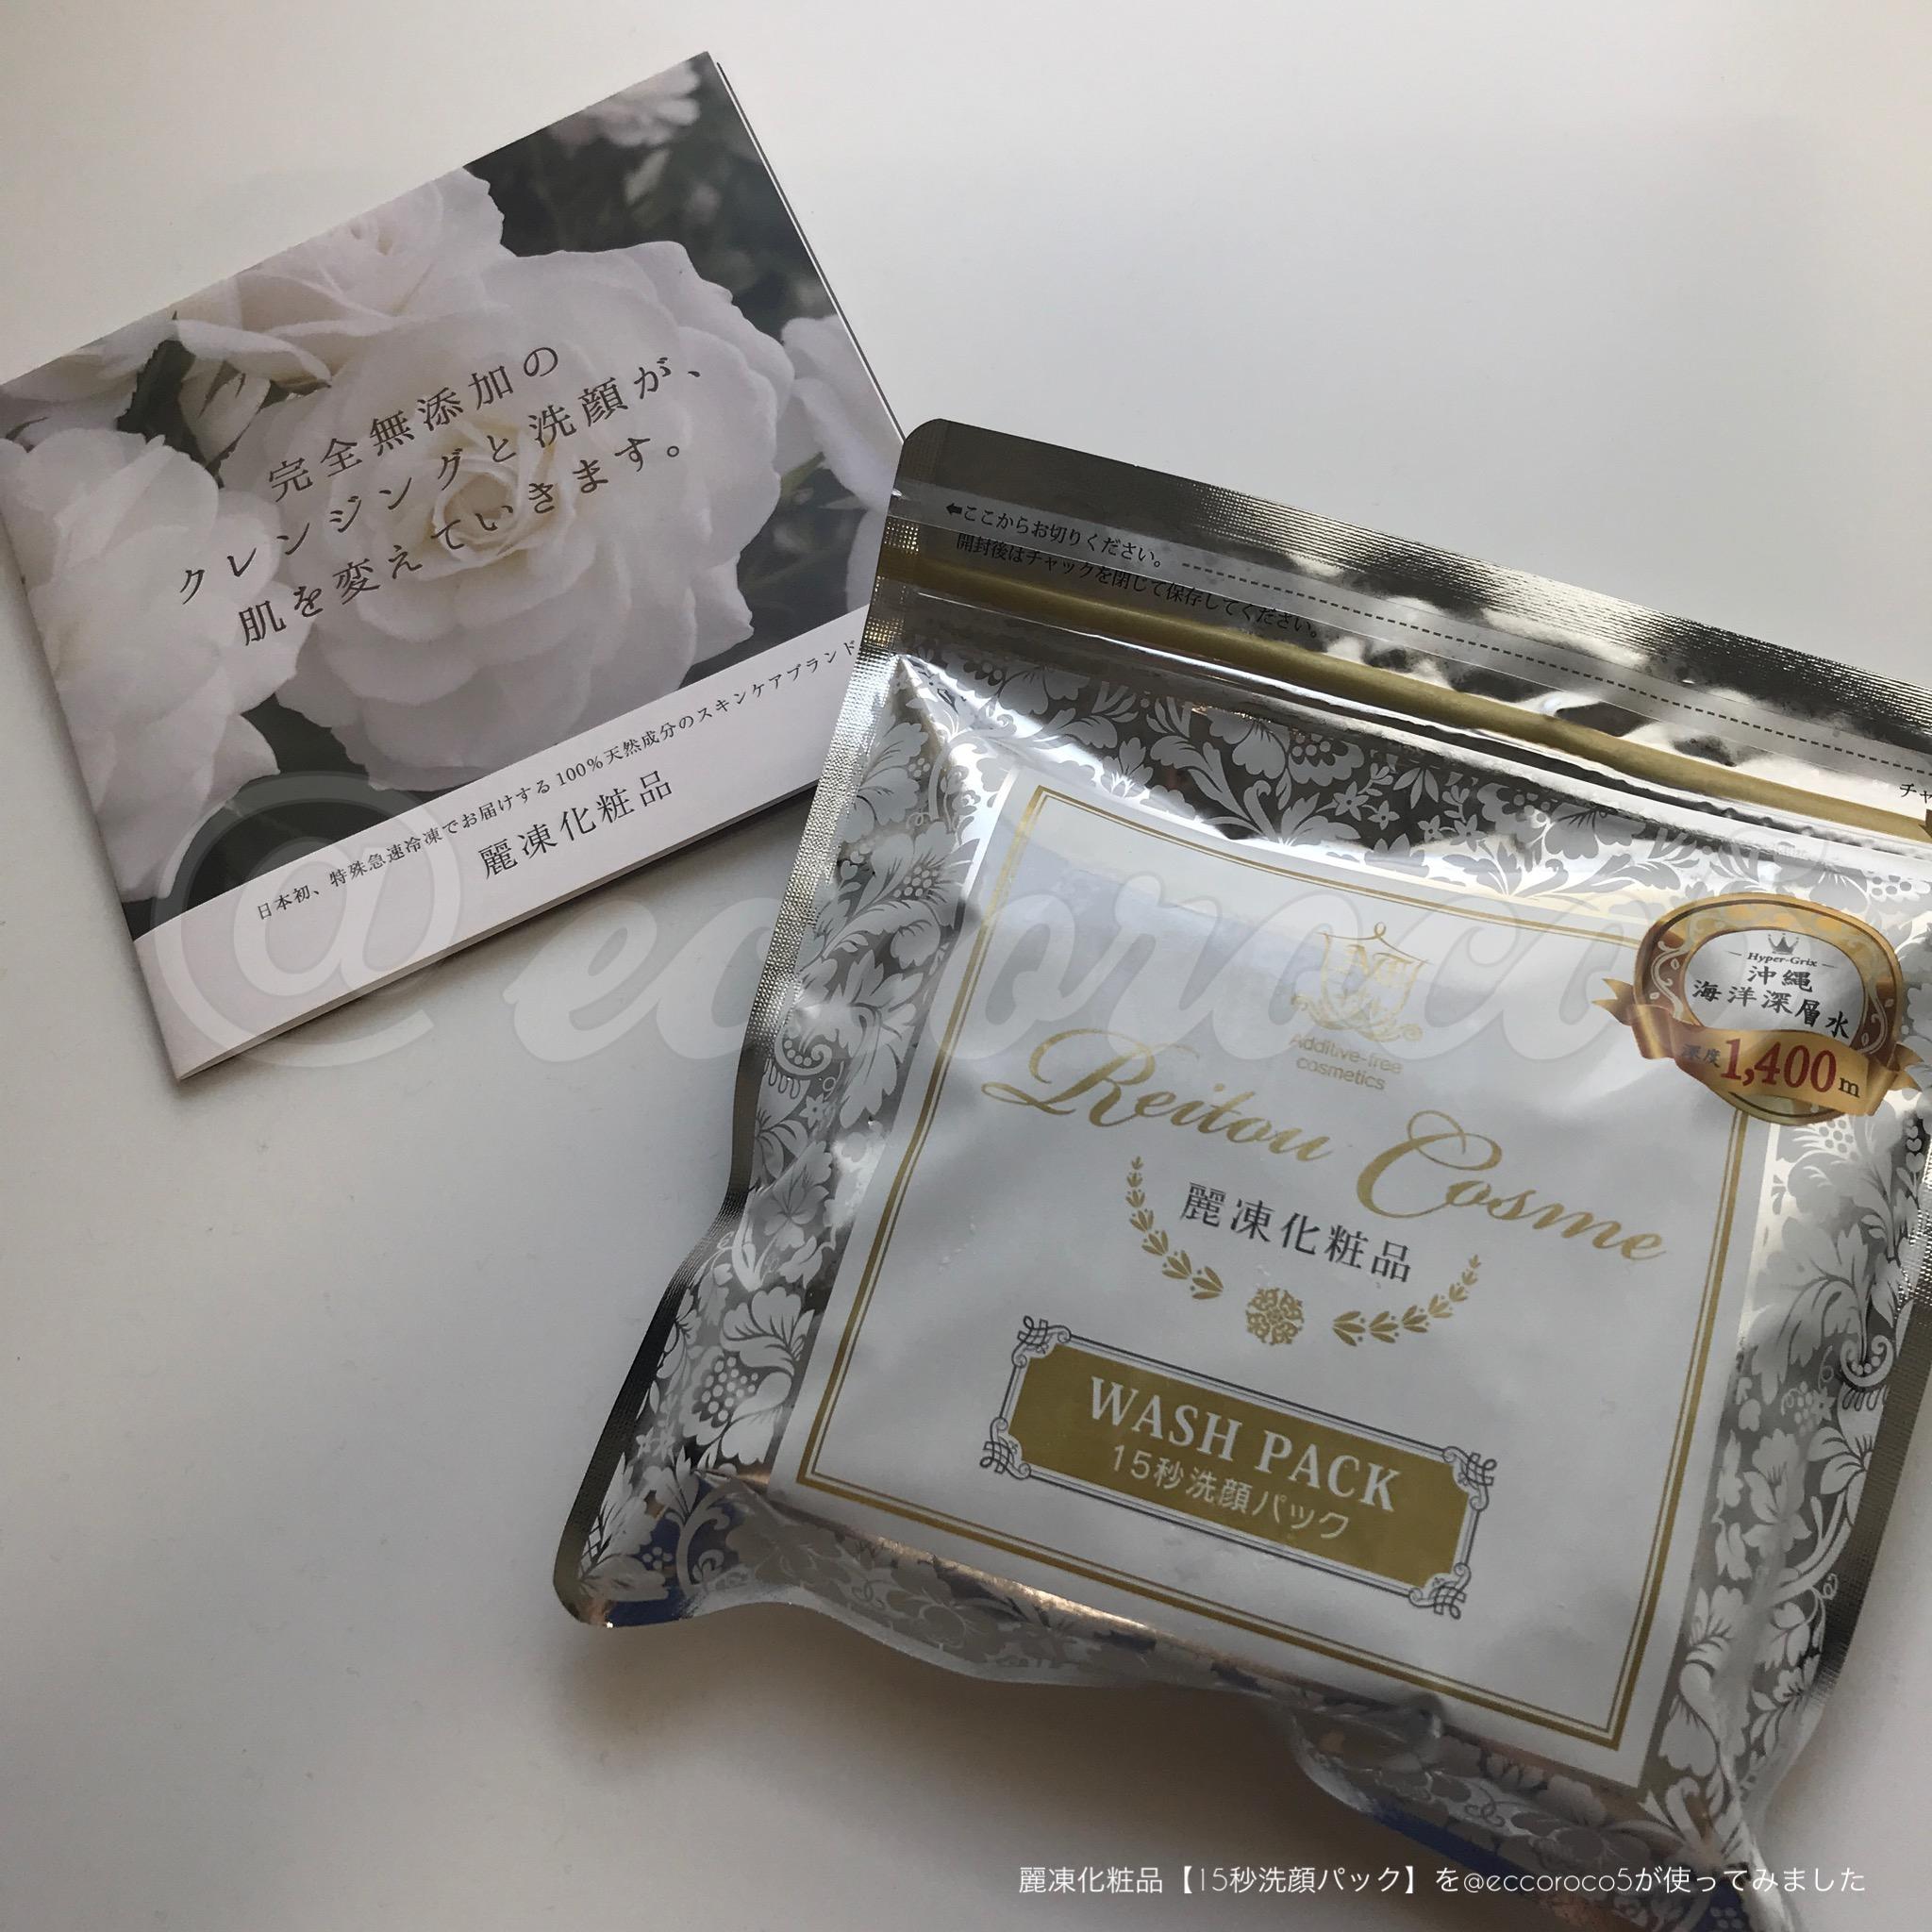 麗凍化粧品(Reitou Cosme) 15秒洗顔パックの良い点・メリットに関する@eccoroco5さんの口コミ画像2